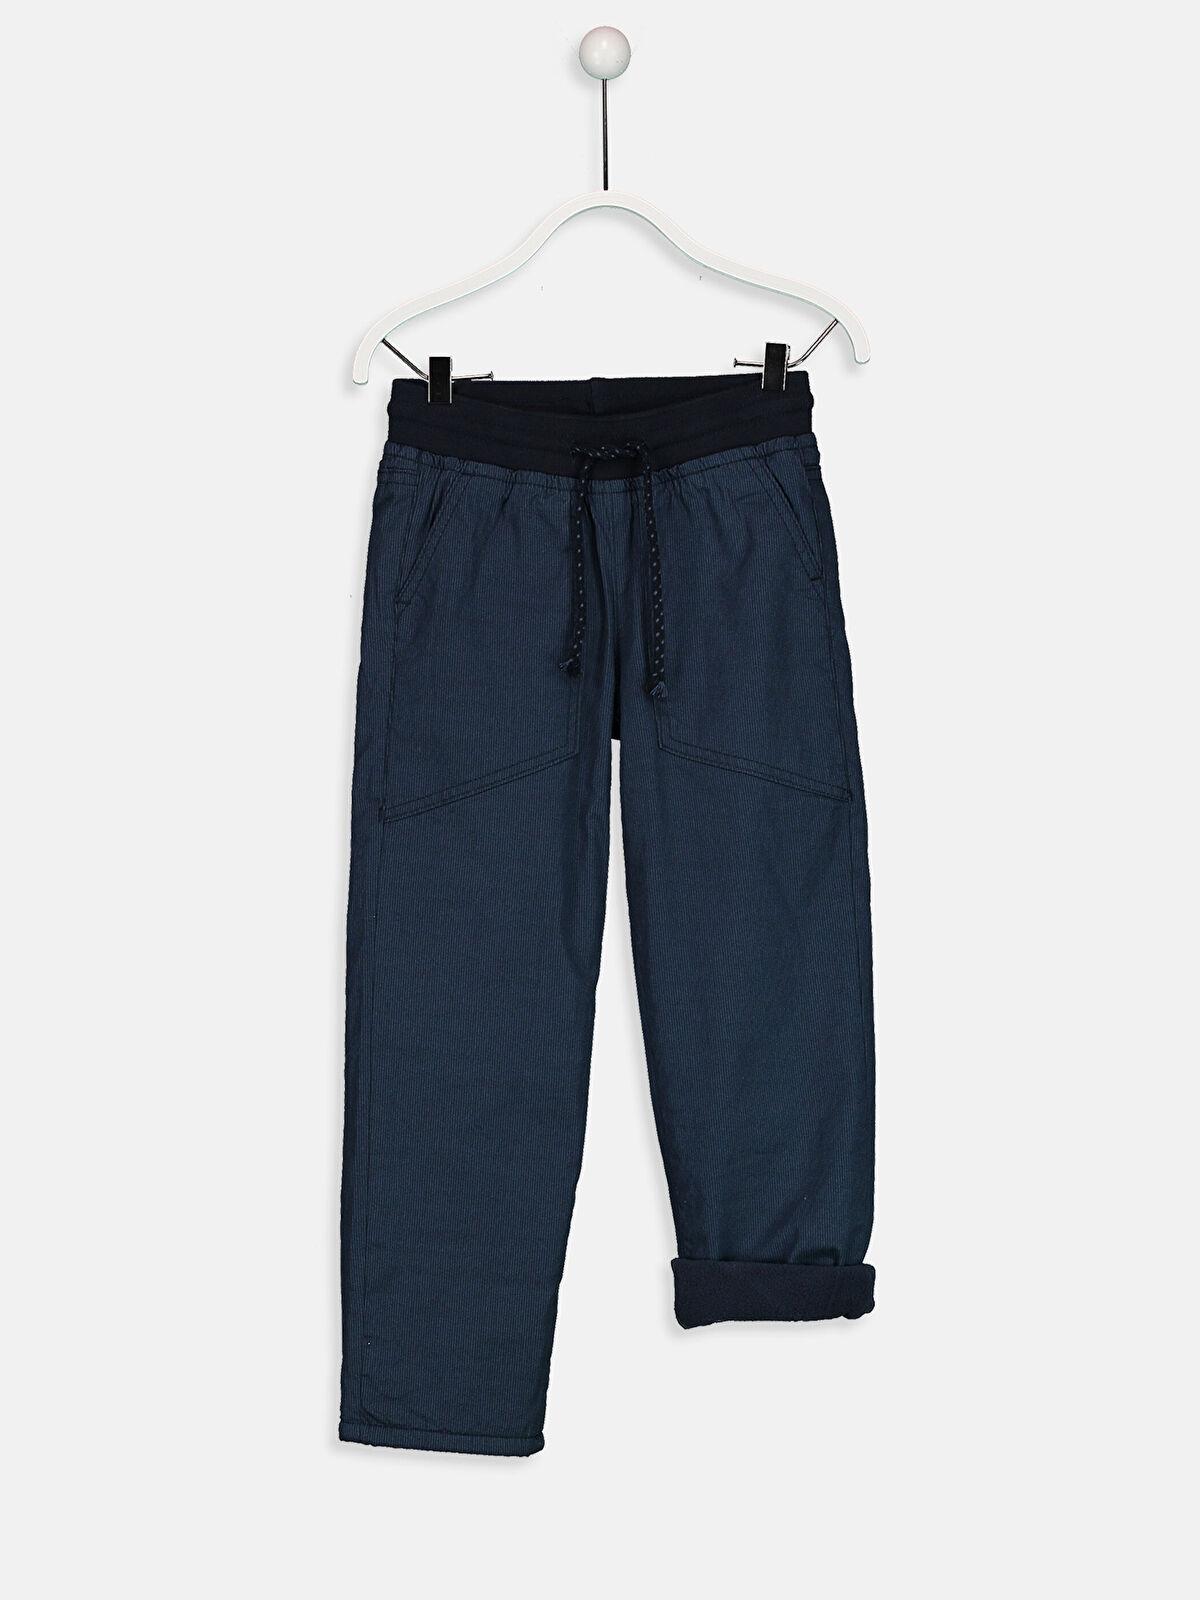 Erkek Çocuk Beli Lastikli Armürlü Pantolon - LC WAIKIKI